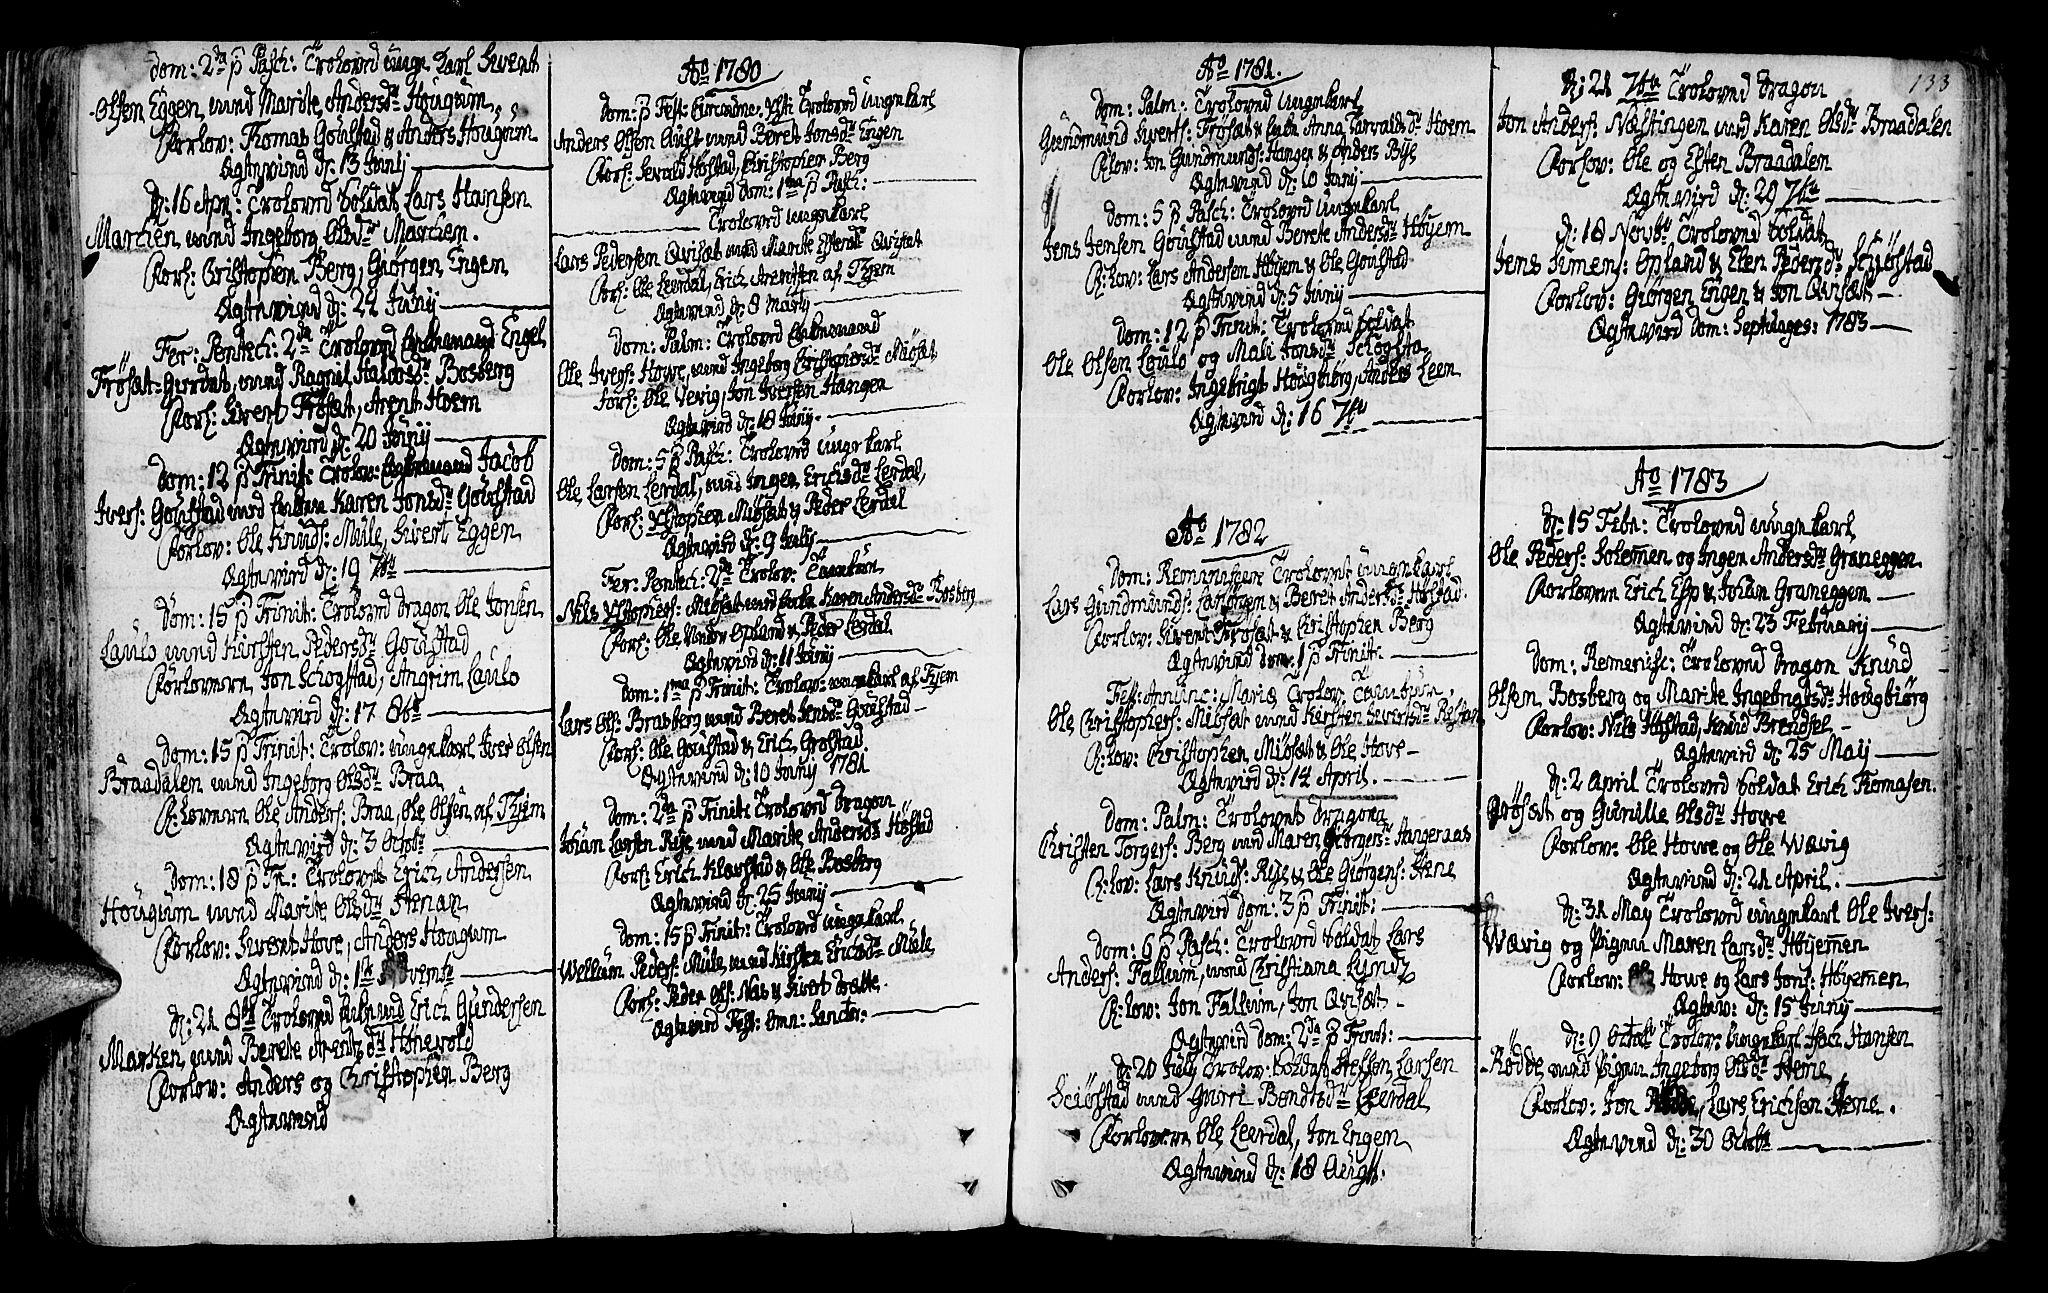 SAT, Ministerialprotokoller, klokkerbøker og fødselsregistre - Sør-Trøndelag, 612/L0370: Ministerialbok nr. 612A04, 1754-1802, s. 133